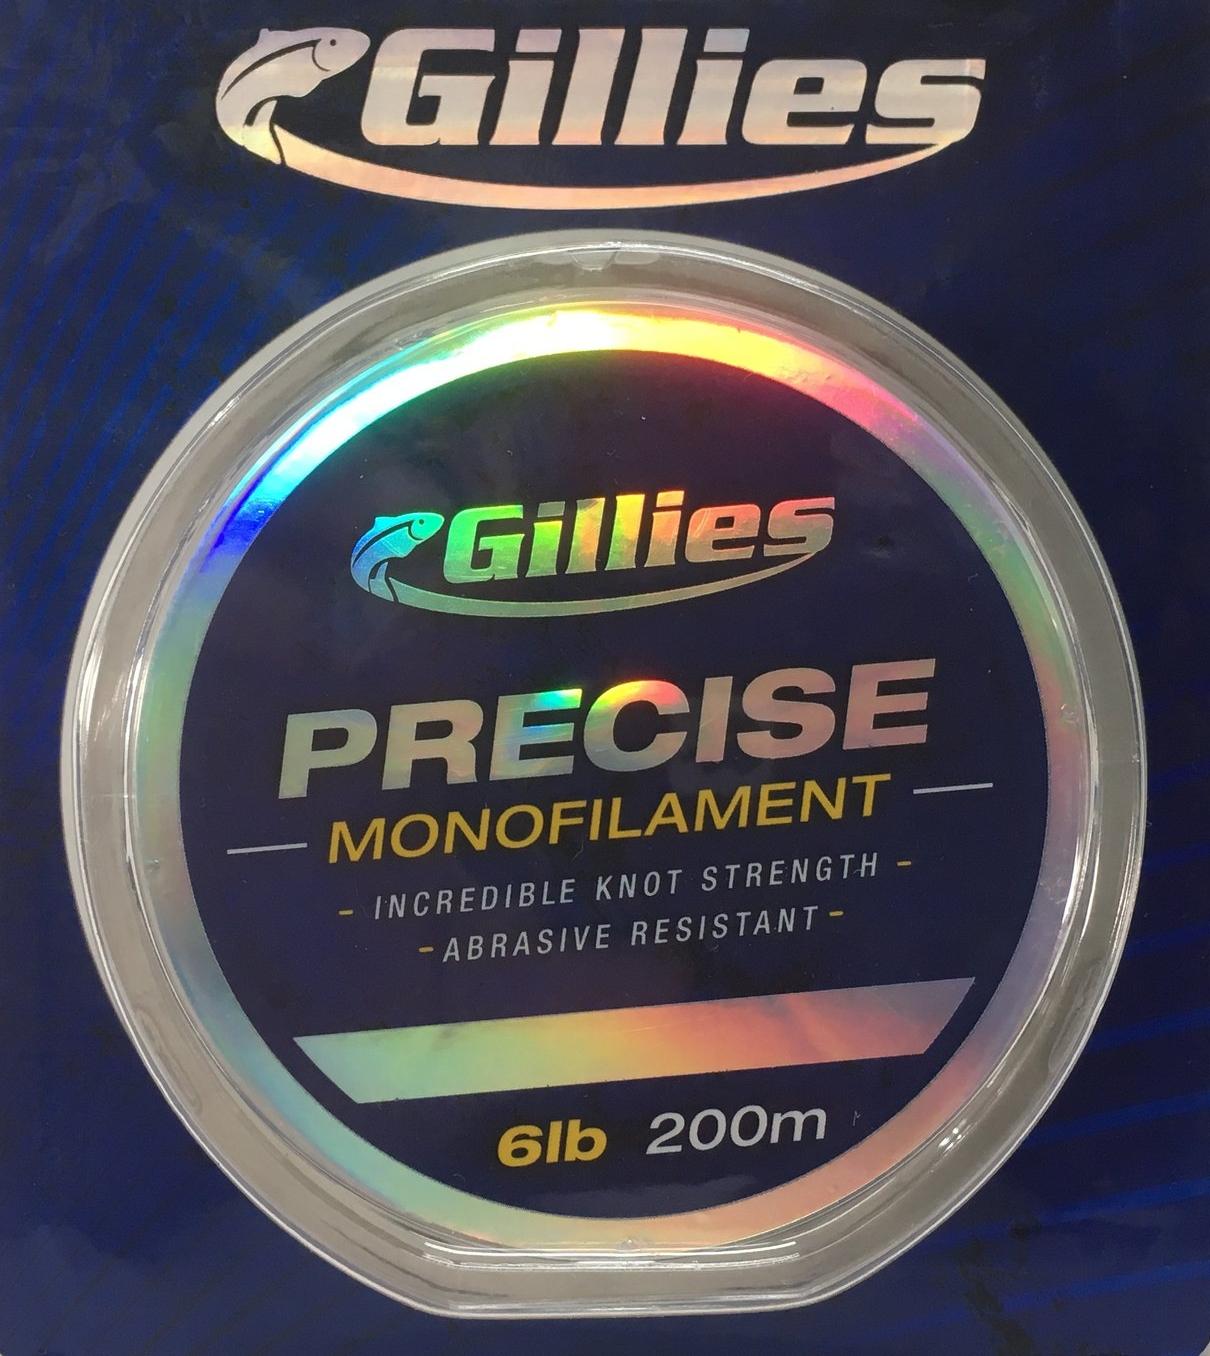 Gillies Precise